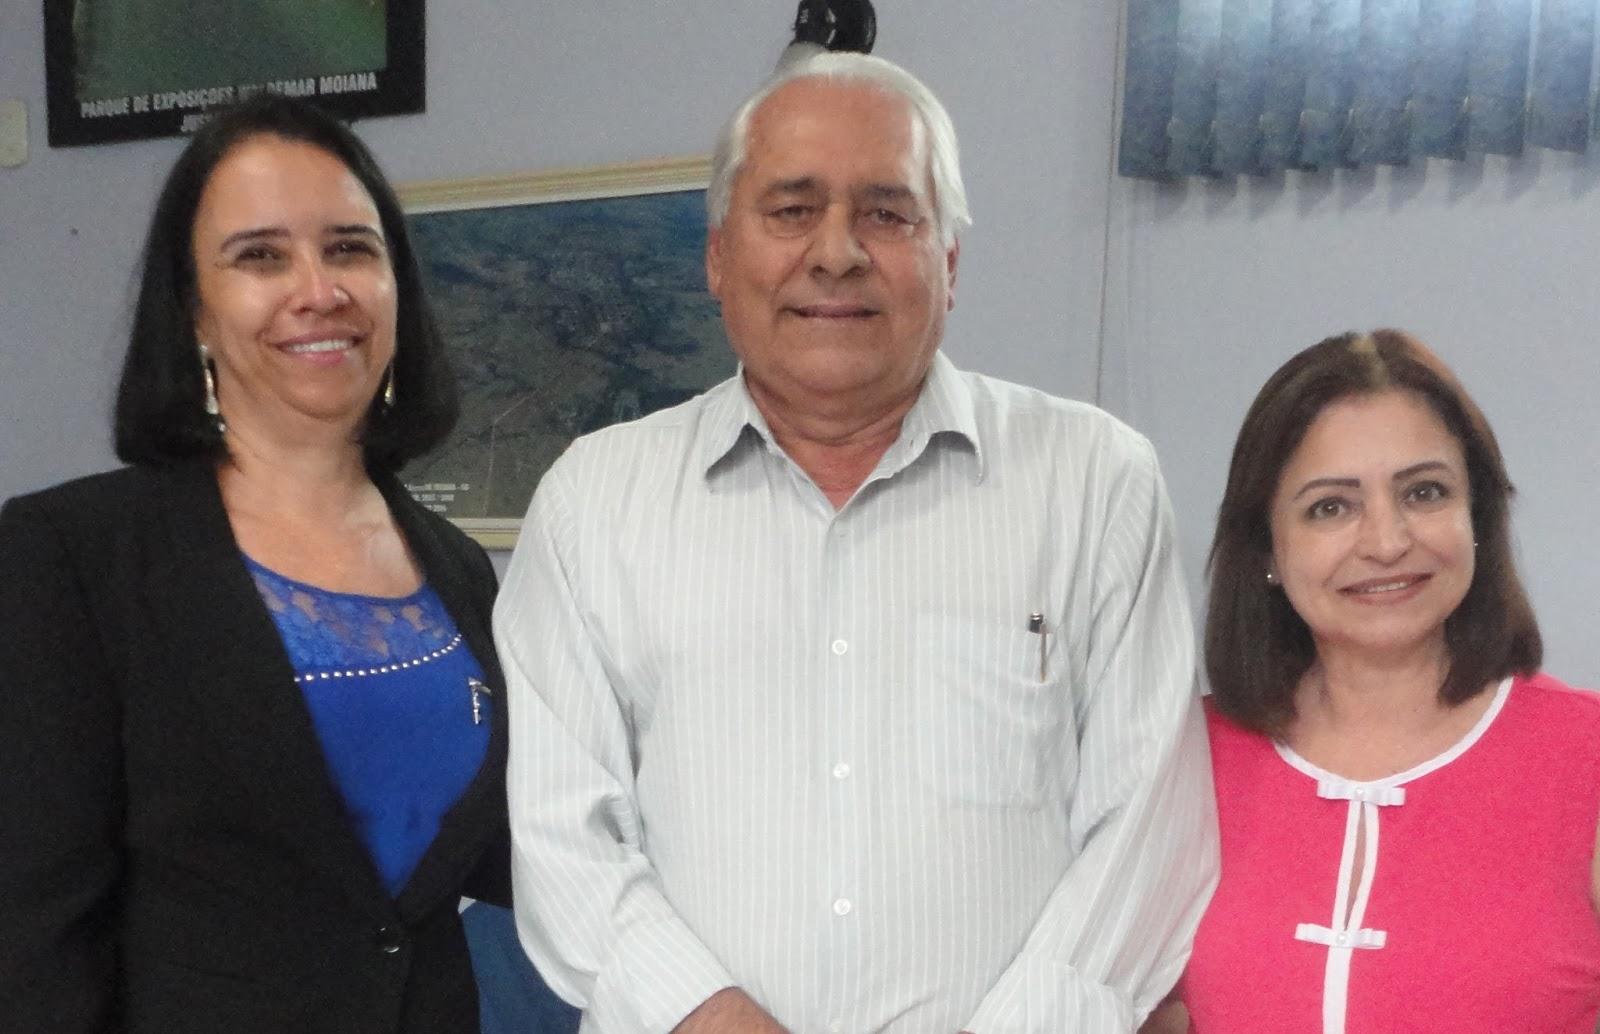 Morre Wilson Santos, prefeito de Jussara, após internação por Covid-19